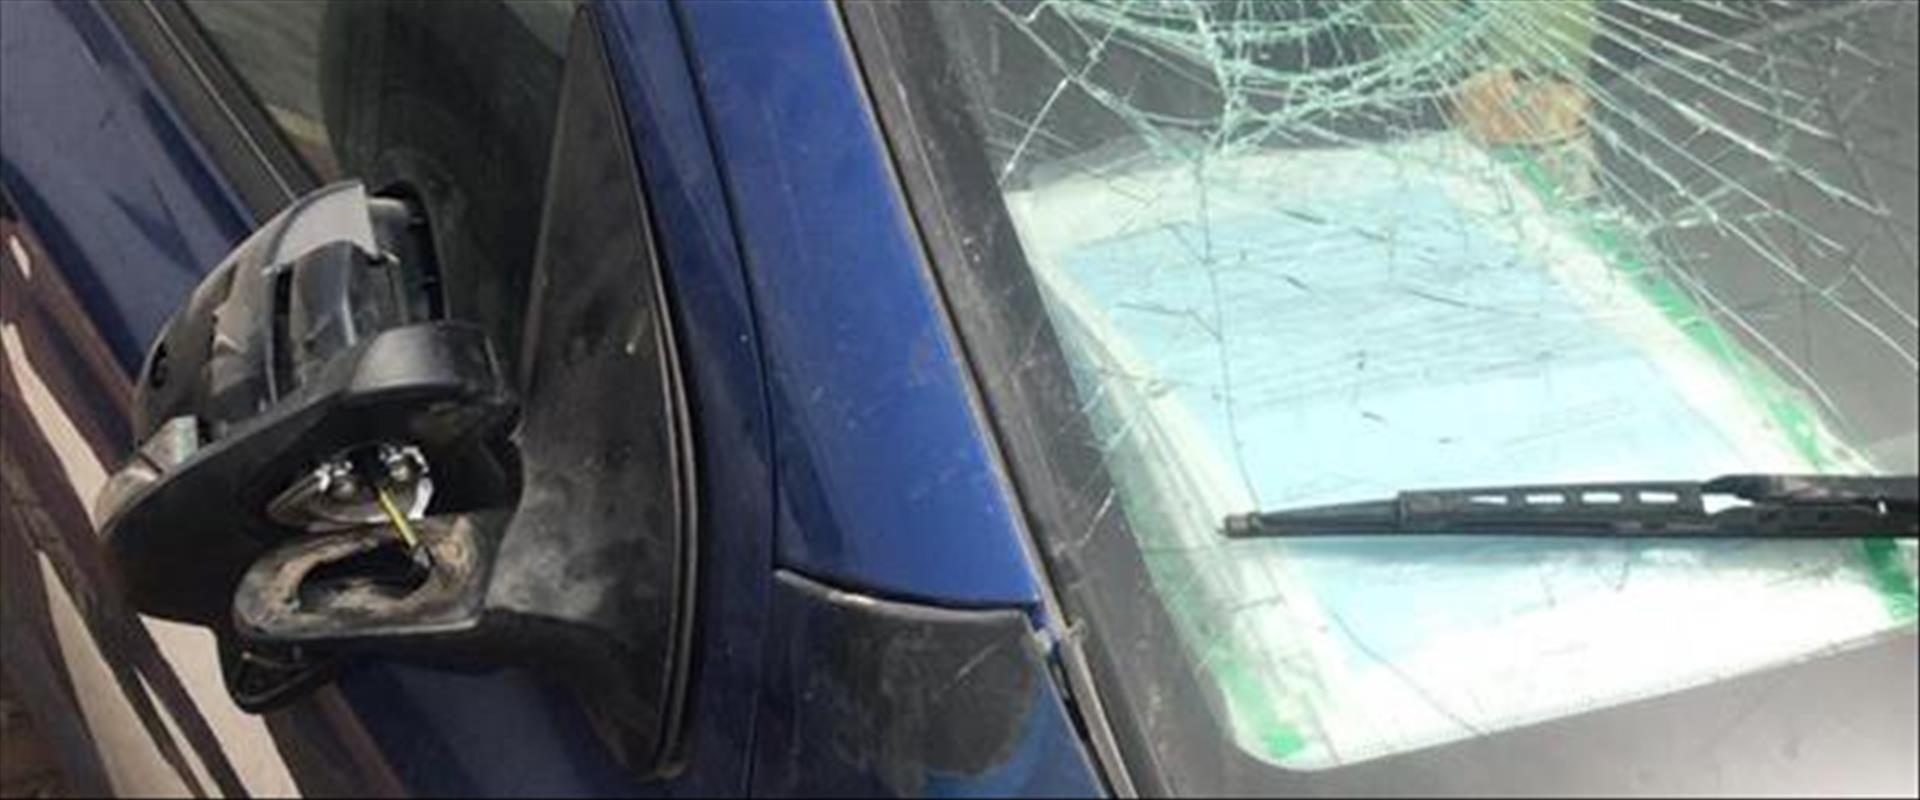 רכבו של החשוד בפגע וברח